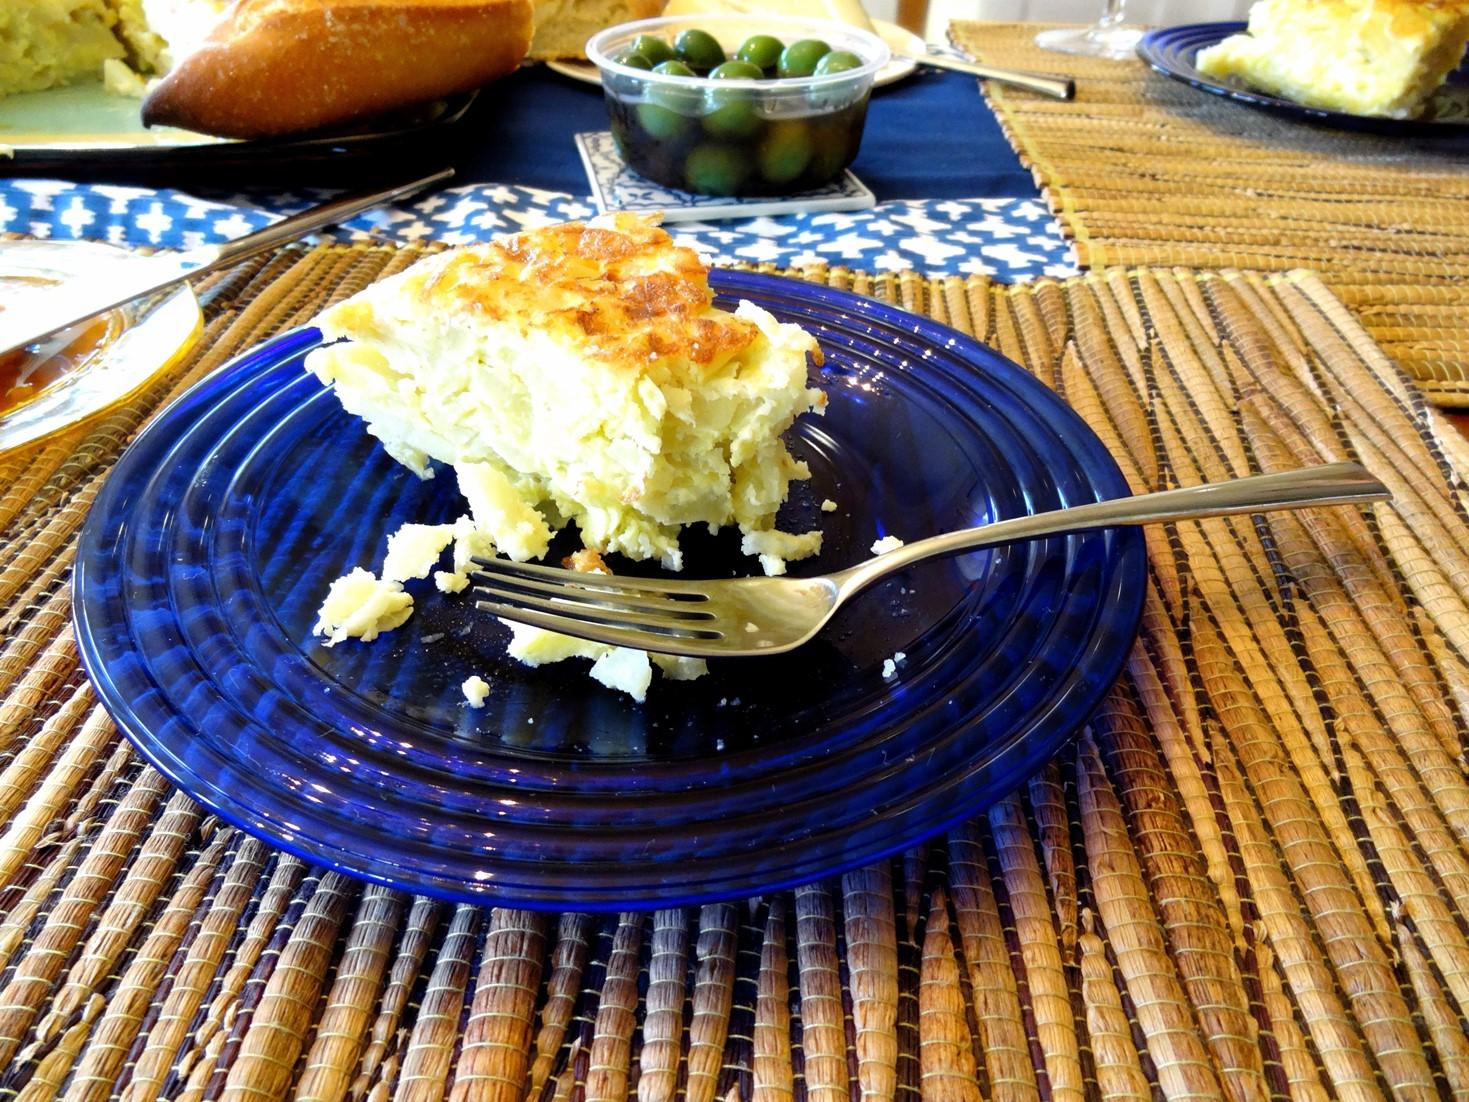 tortillafork